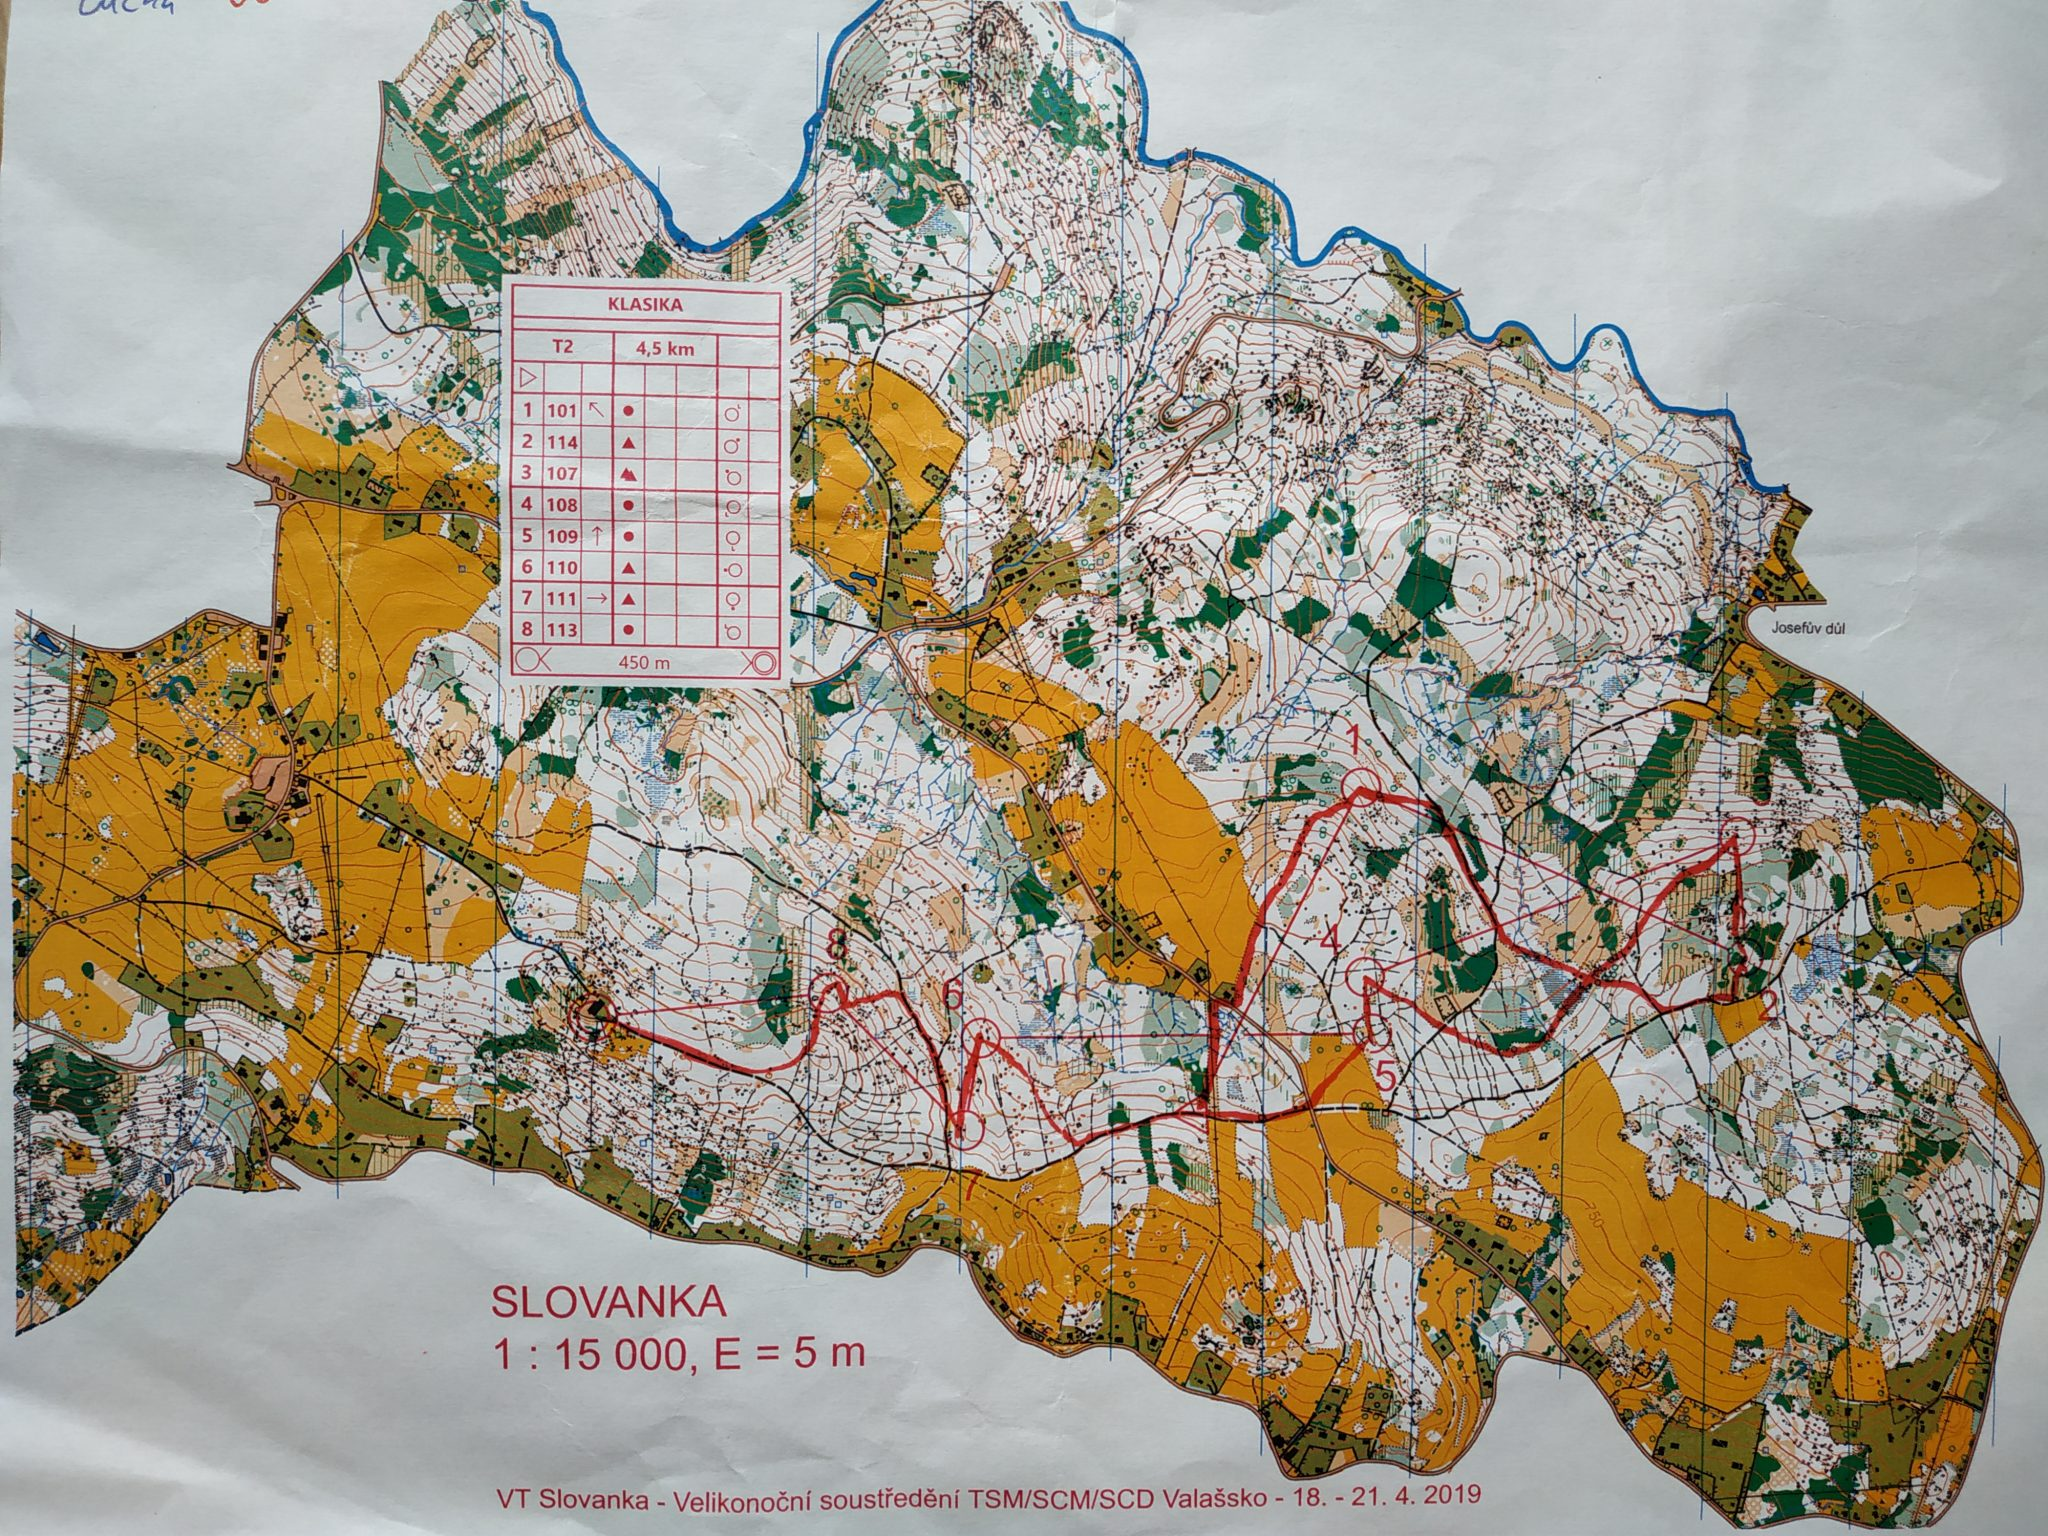 Soustředění Valašské oblasti